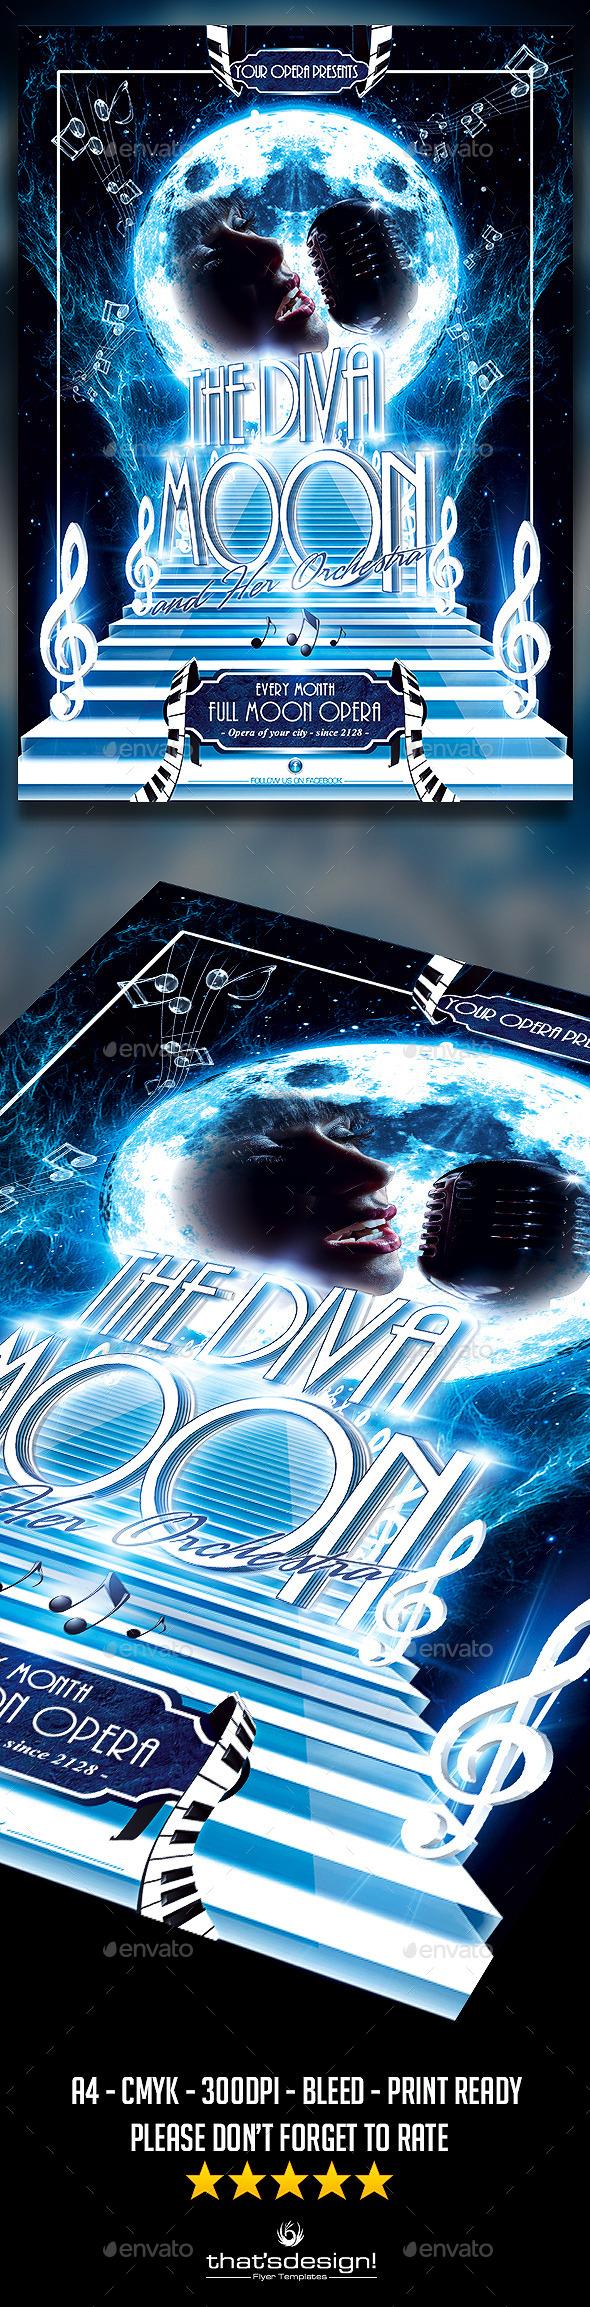 Retro Futuristic Full Moon Opera Flyer - Miscellaneous Events